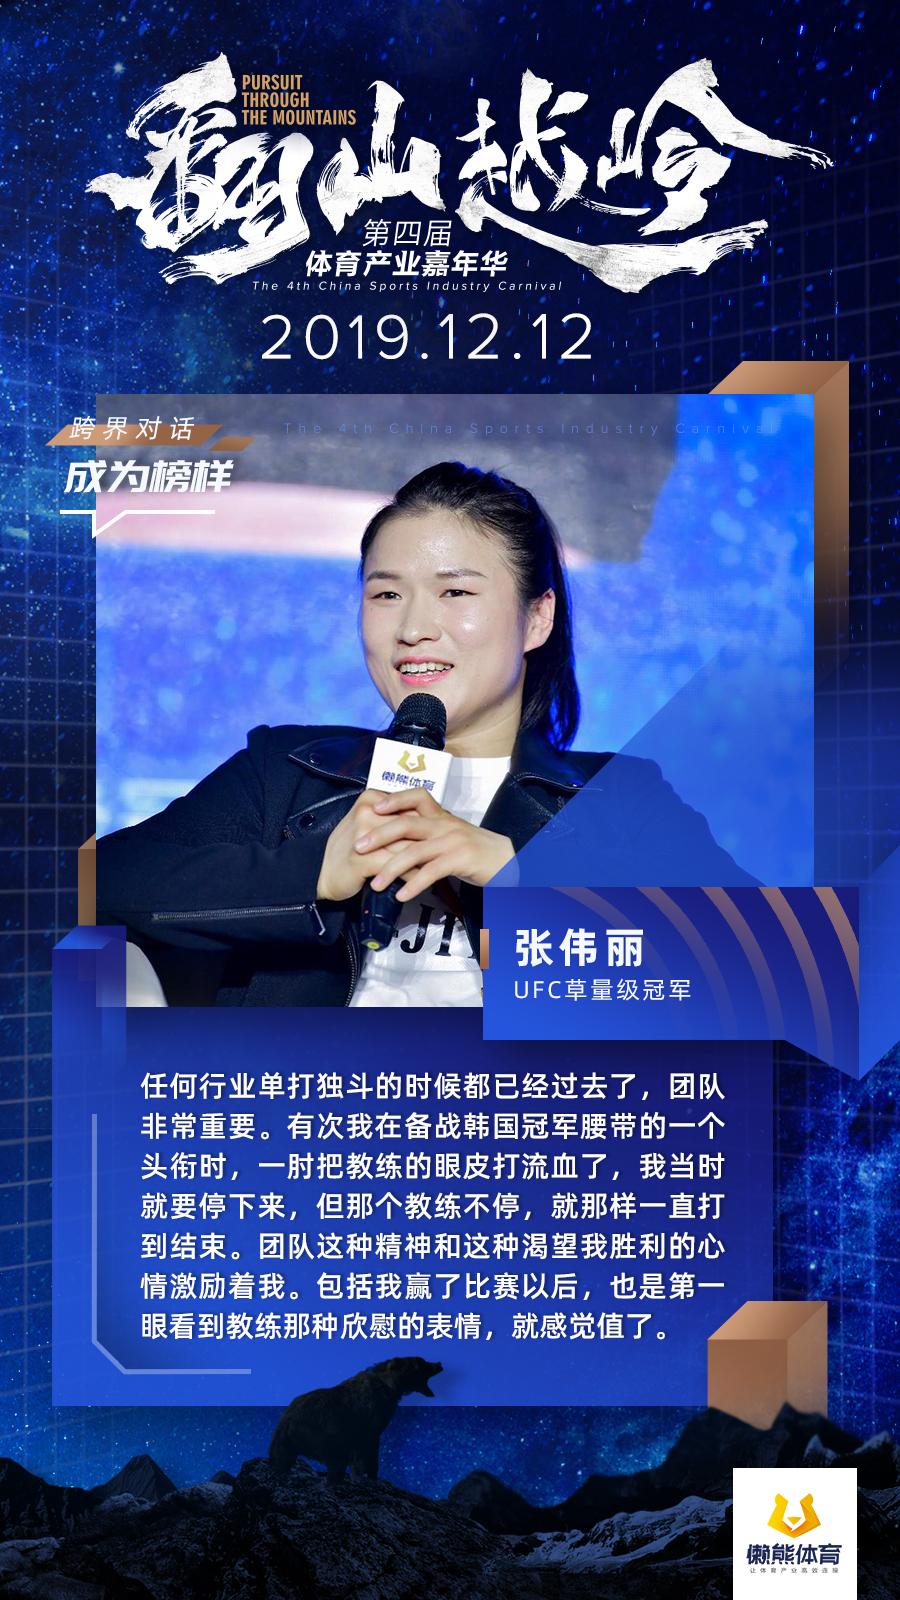 第四届体育产业嘉年华 | 嘉宾金句合集